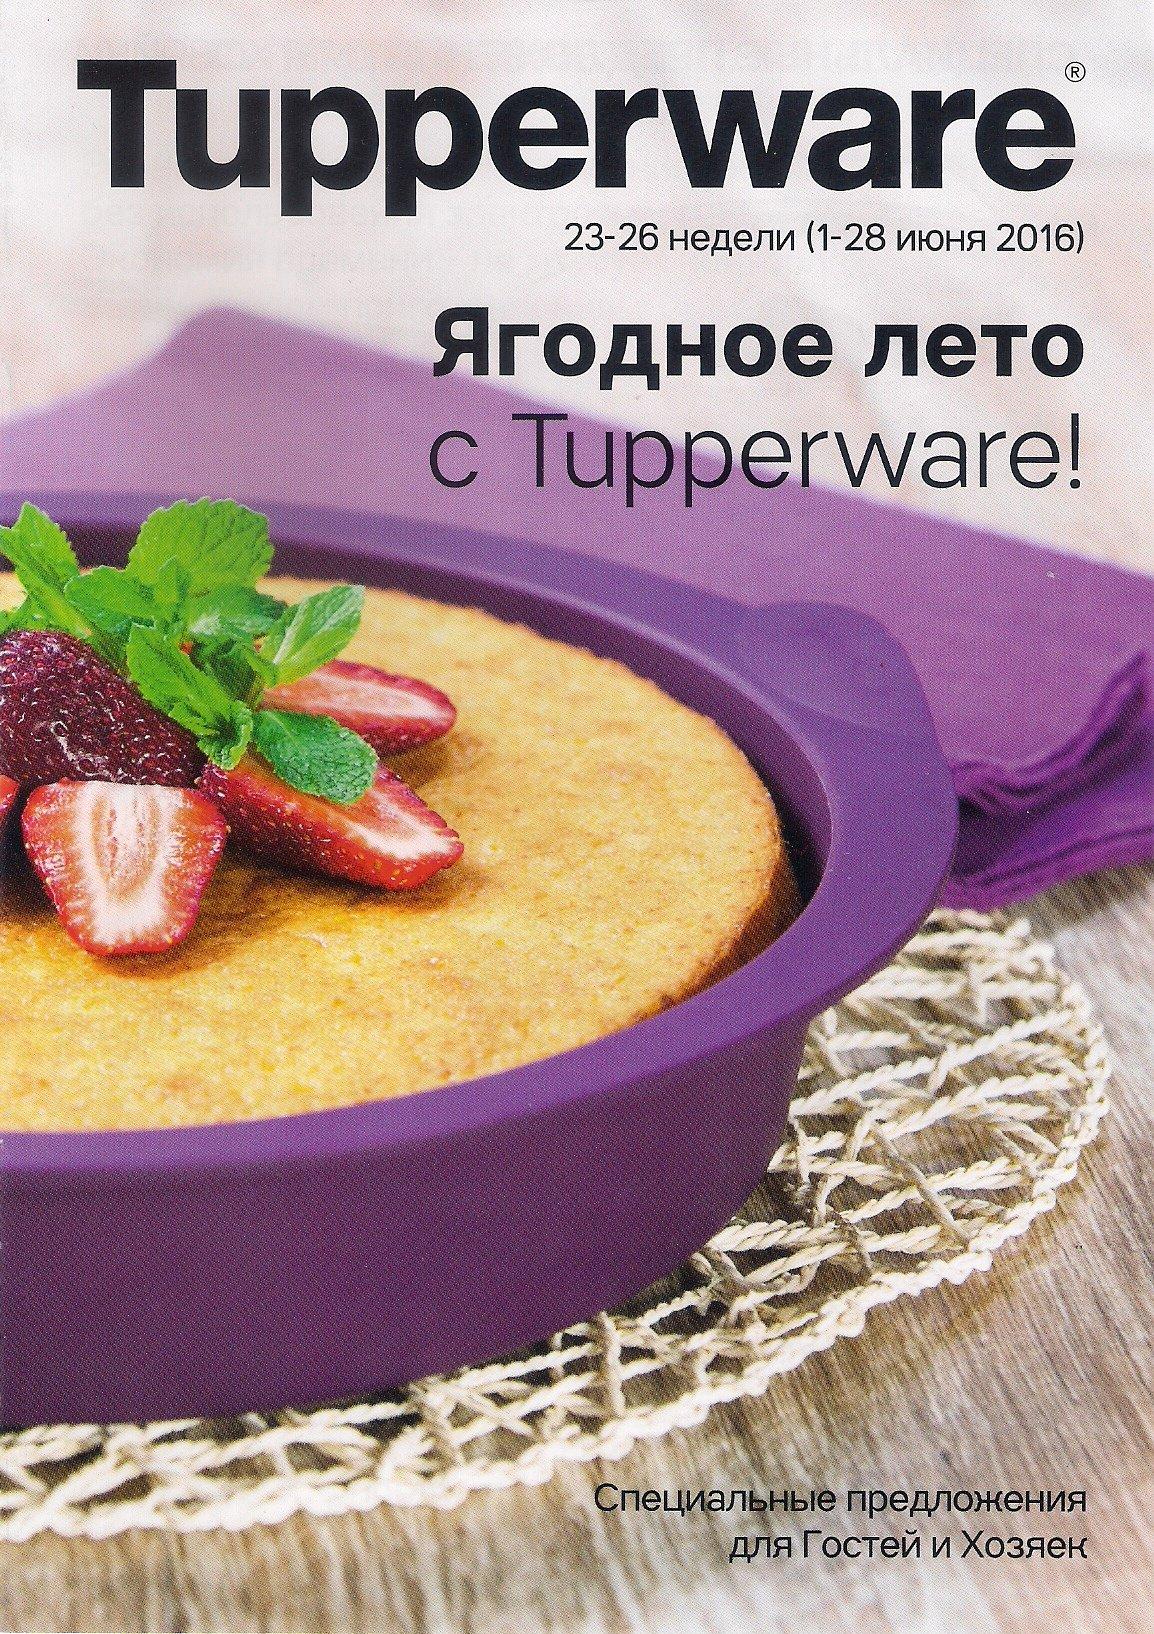 http://tupperware-online.ru/images/upload/s1.jpg